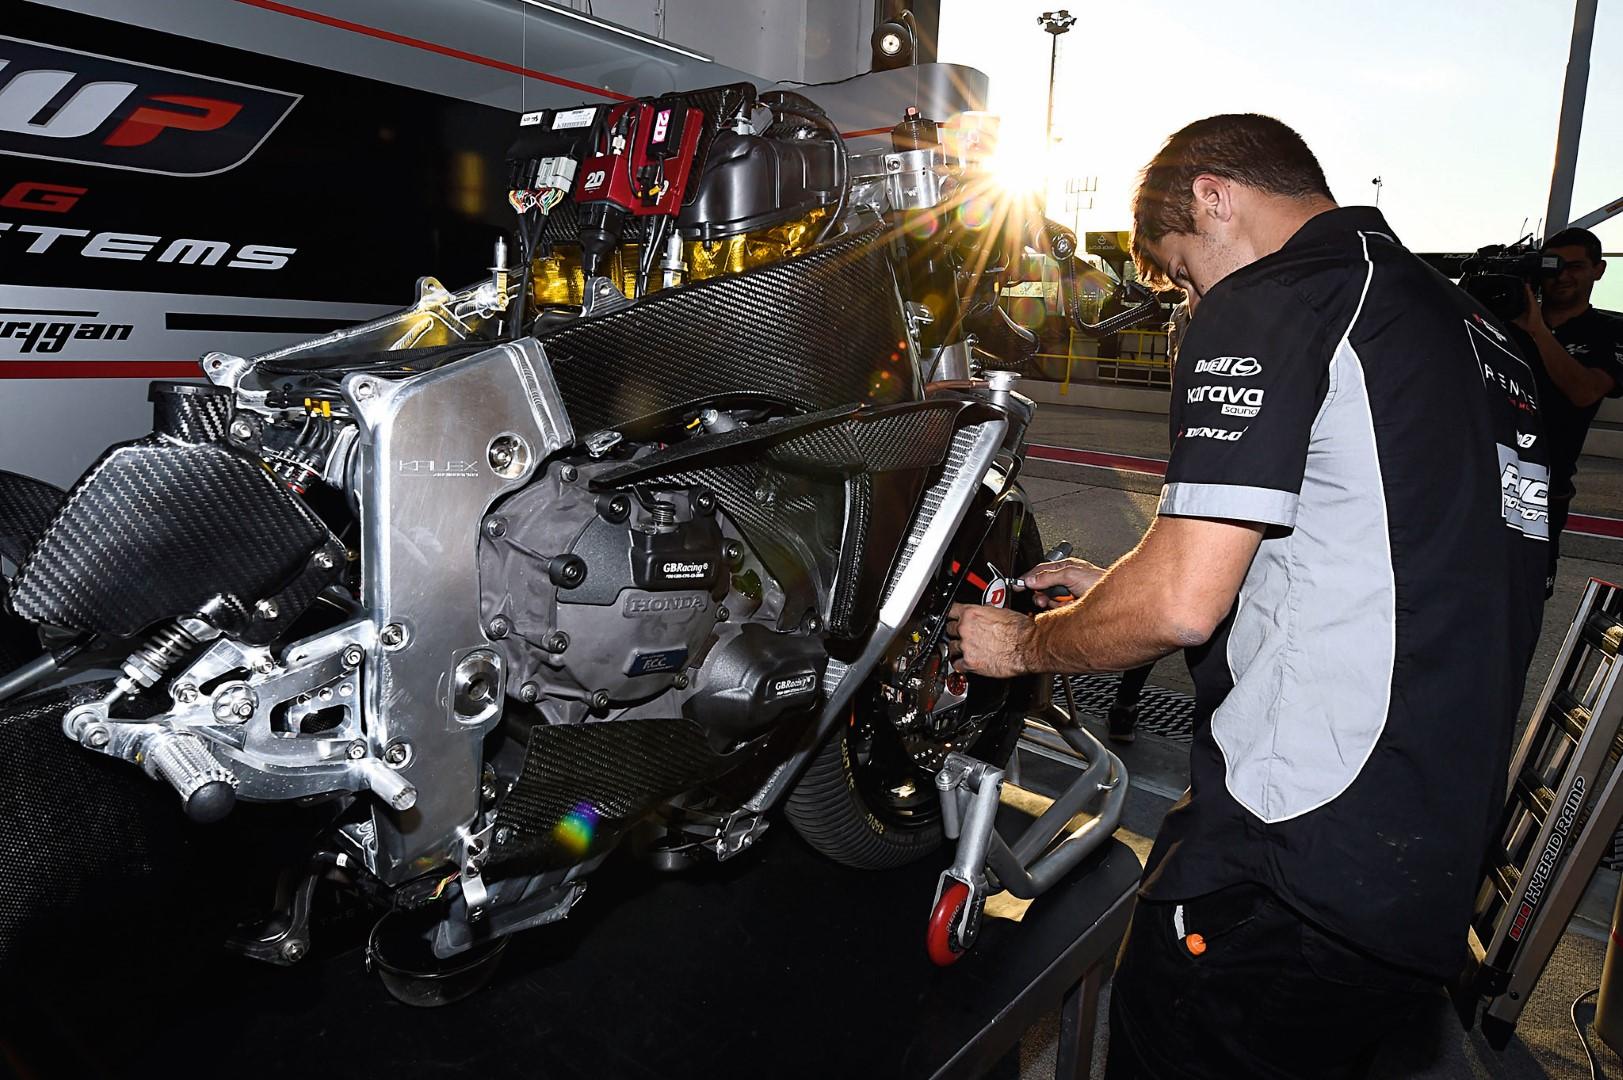 El futuro de los motores de Moto2, en Motociclismo